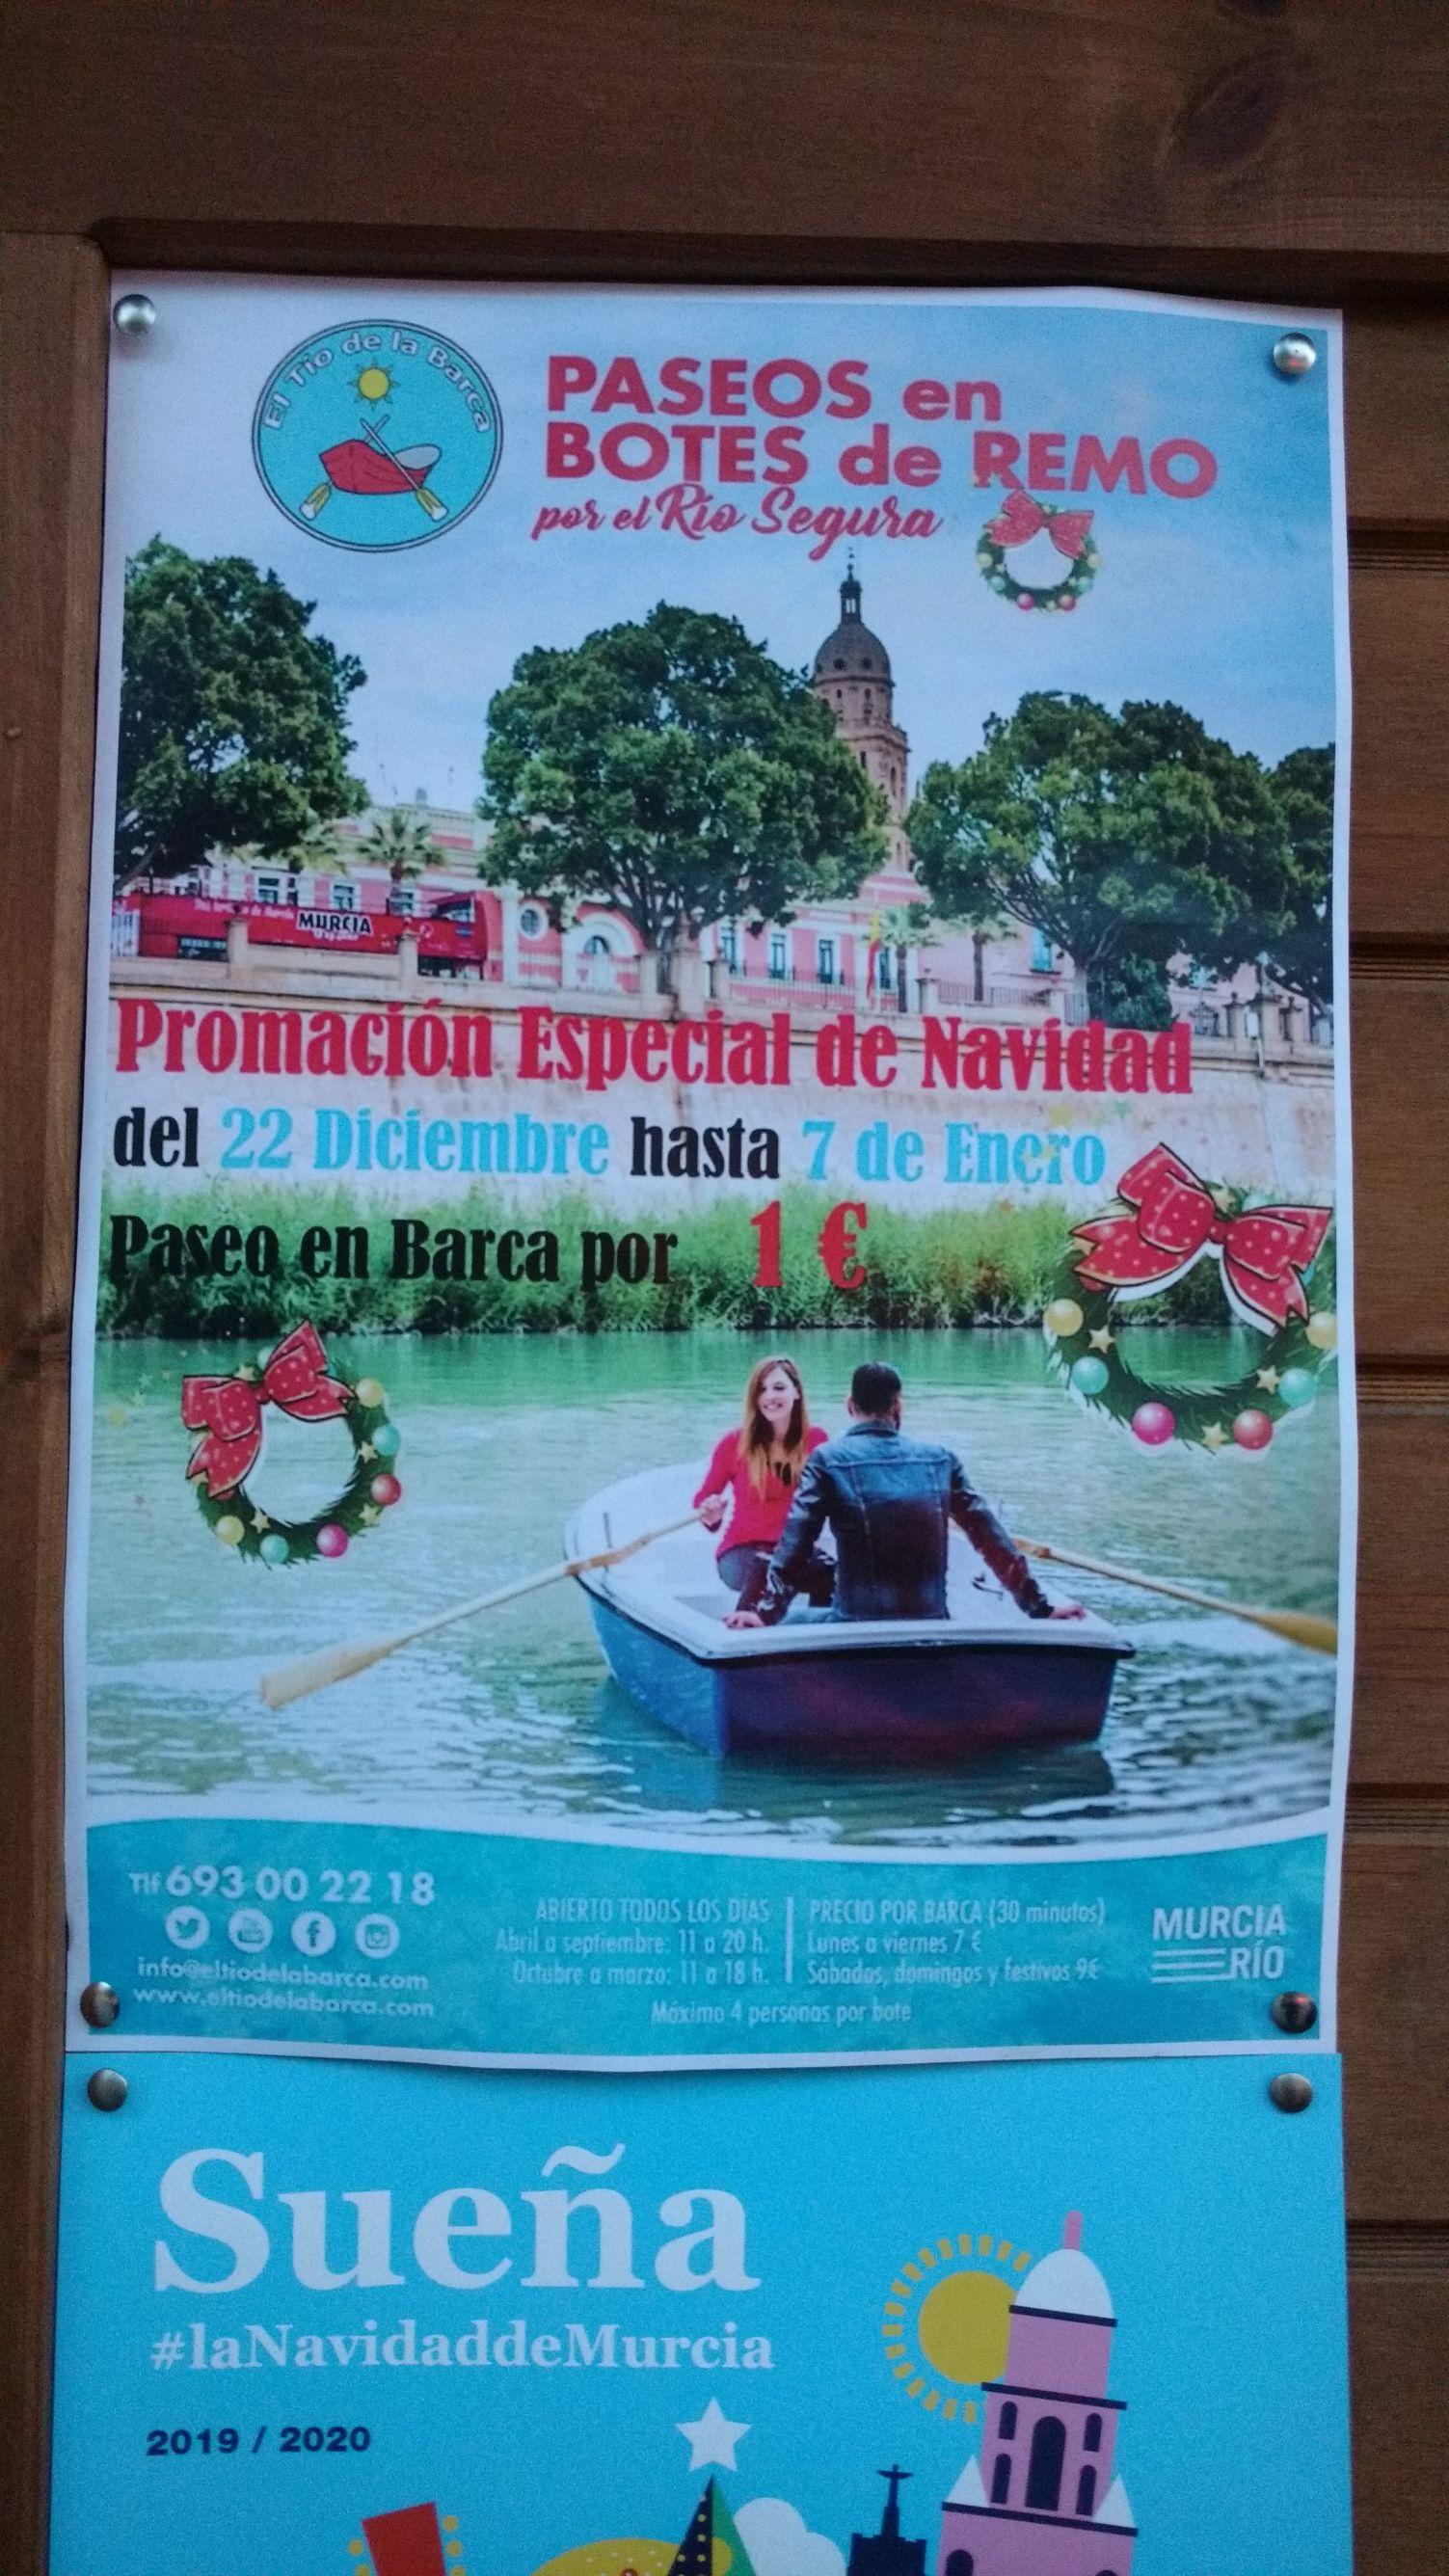 Paseo en barca por 1€ en Murcia.